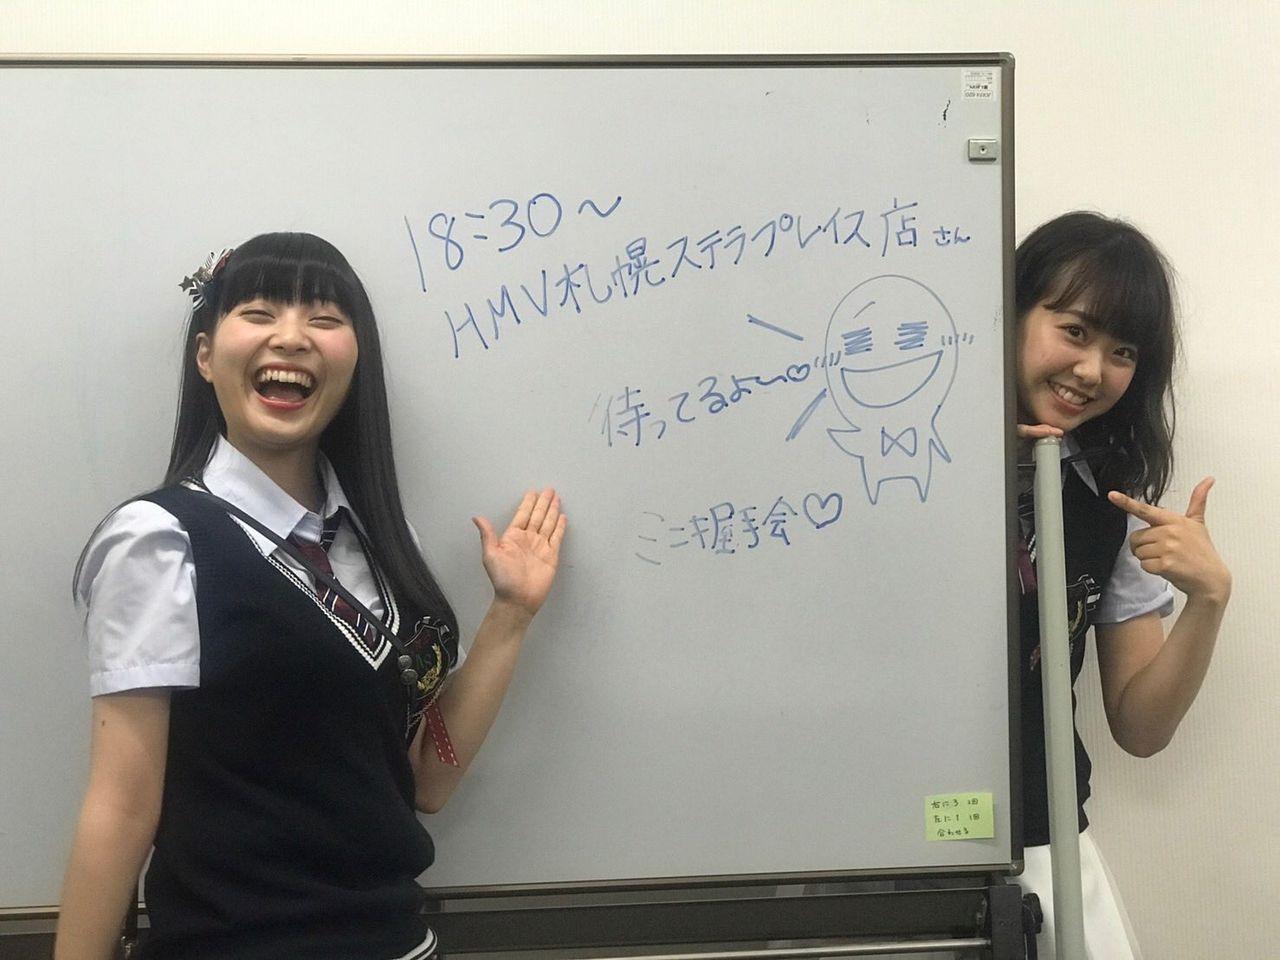 【速報】NMB48 3rdアルバム『難波愛』初日売上キタ━━━━(゚∀゚)━━━━!!